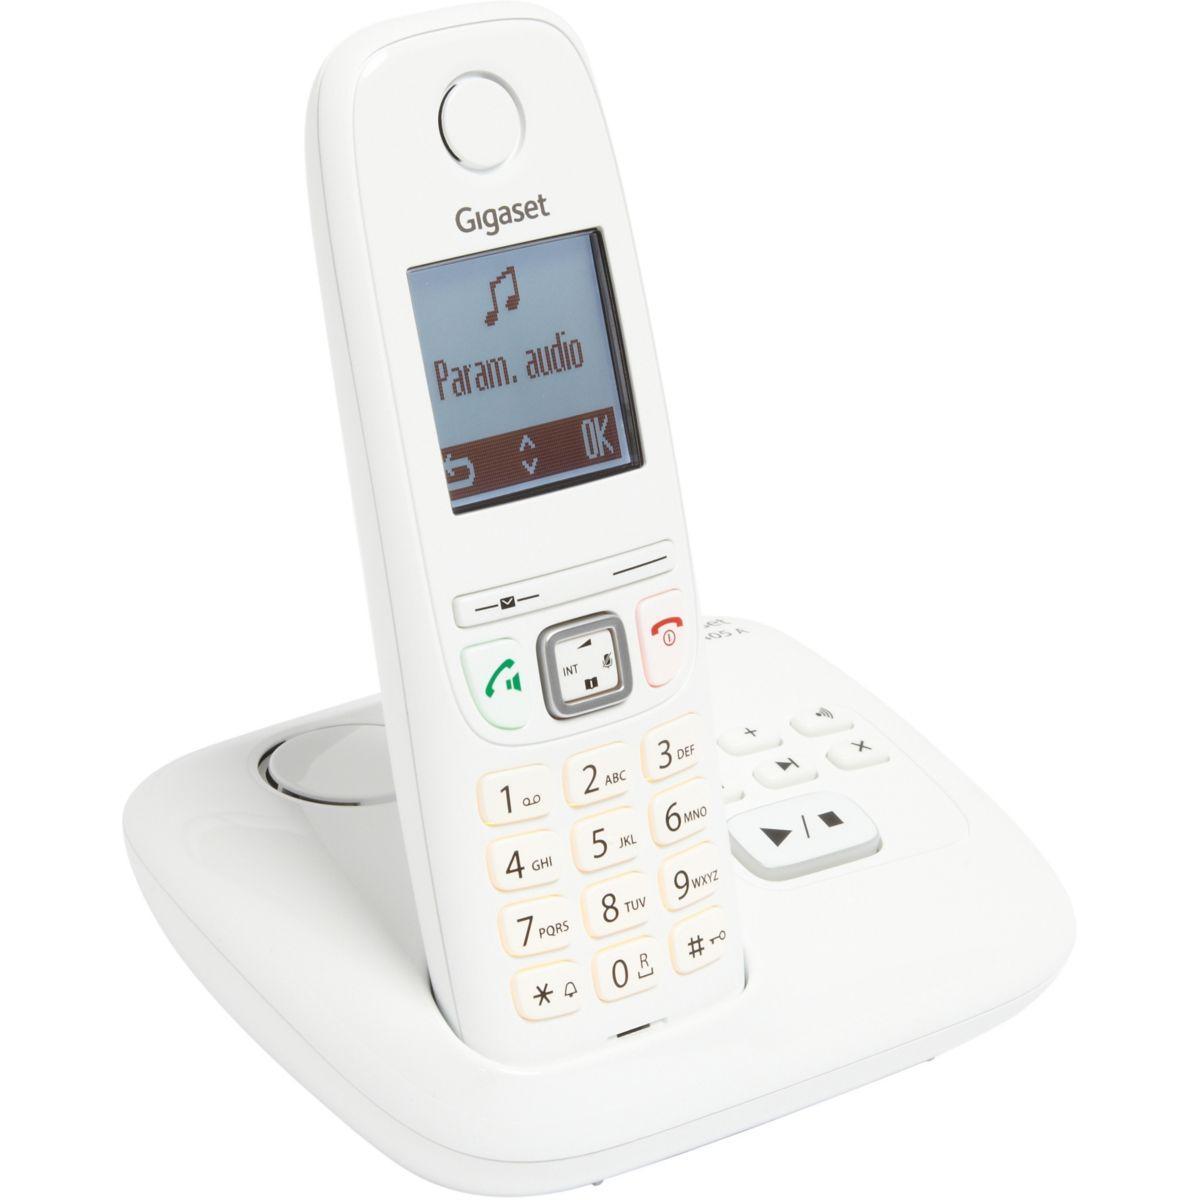 Téléphone répondeur sans fil gigaset as405a solo blanc - livraison offerte avec le code livofferte (photo)